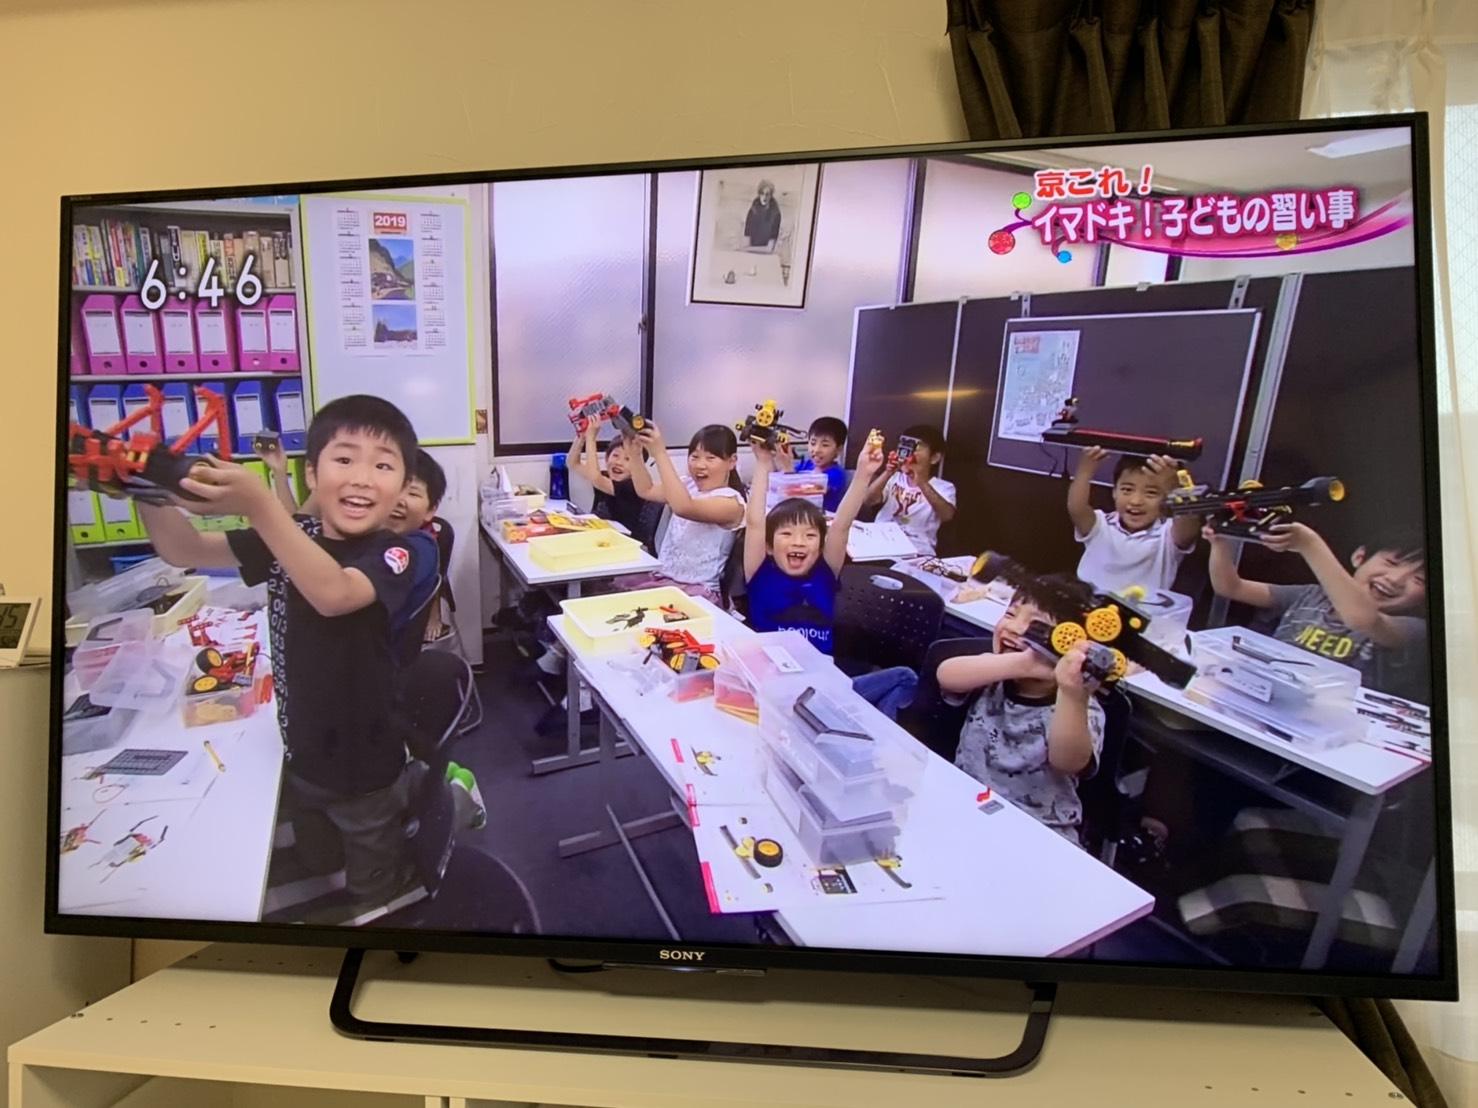 無事、NHKで放送されました。